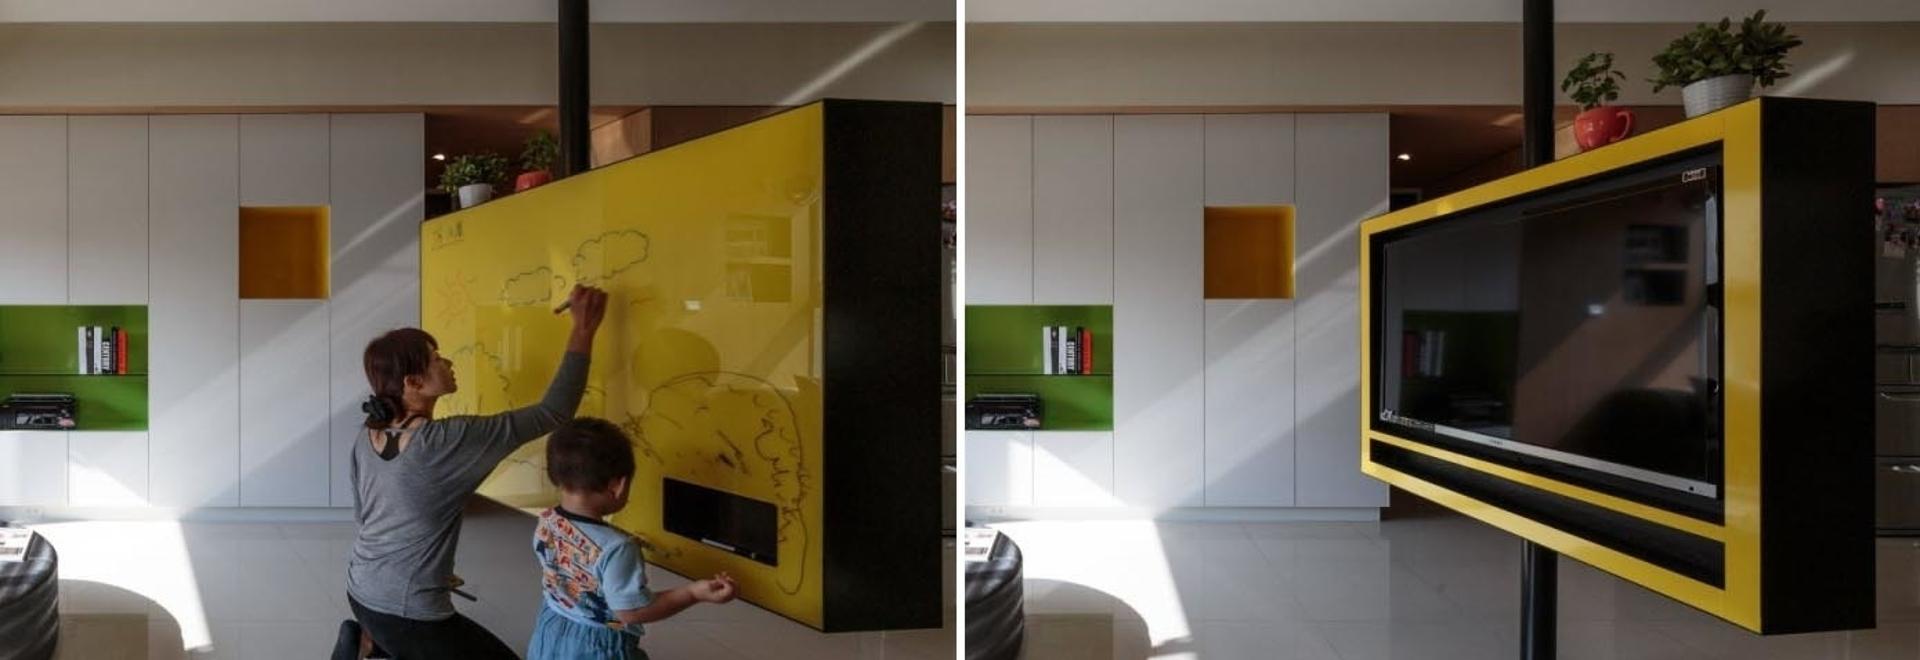 La TV in questo appartamento ha un tabellone per la cancellazione a secco sul retro e può ruotare per essere utilizzato da qualsiasi direzione